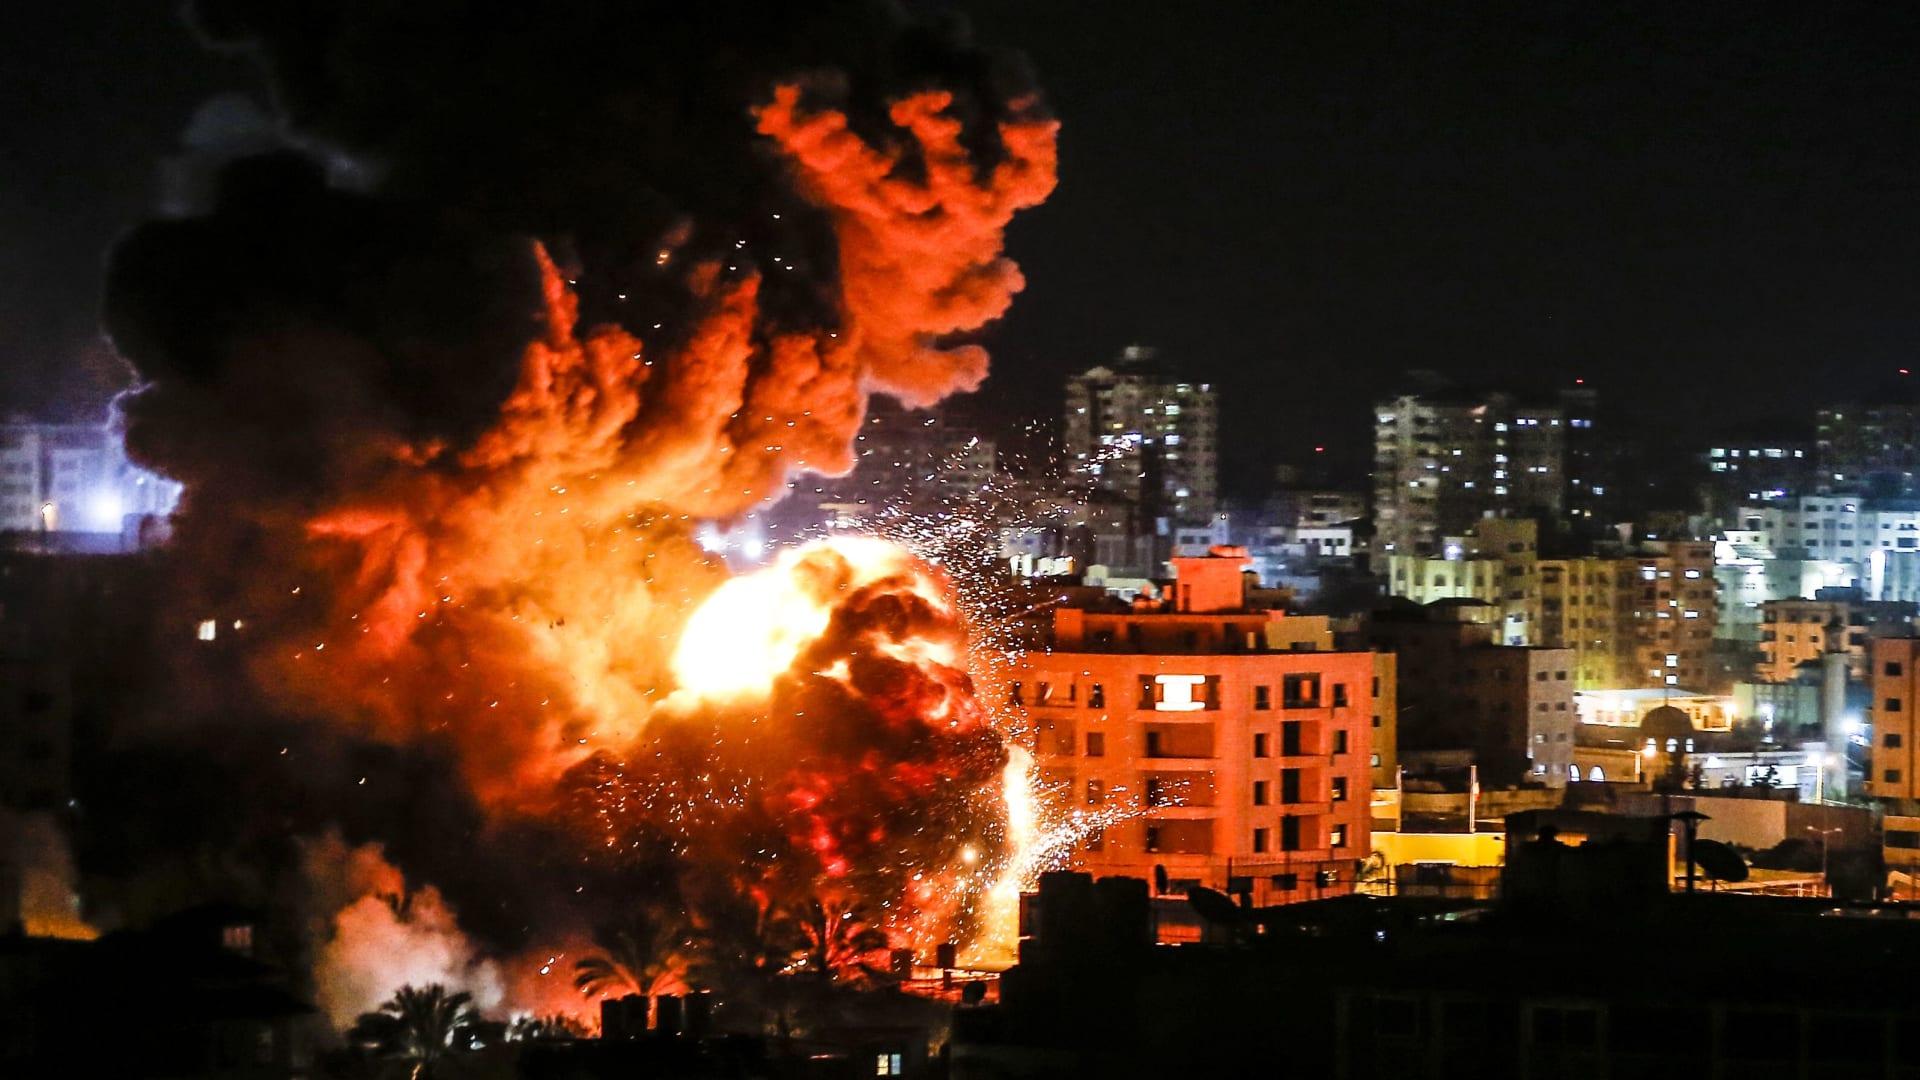 الجيش الإسرائيلي: لحظة استهداف مجموعة تحاول إطلاق طائرة مسيرة من غزة